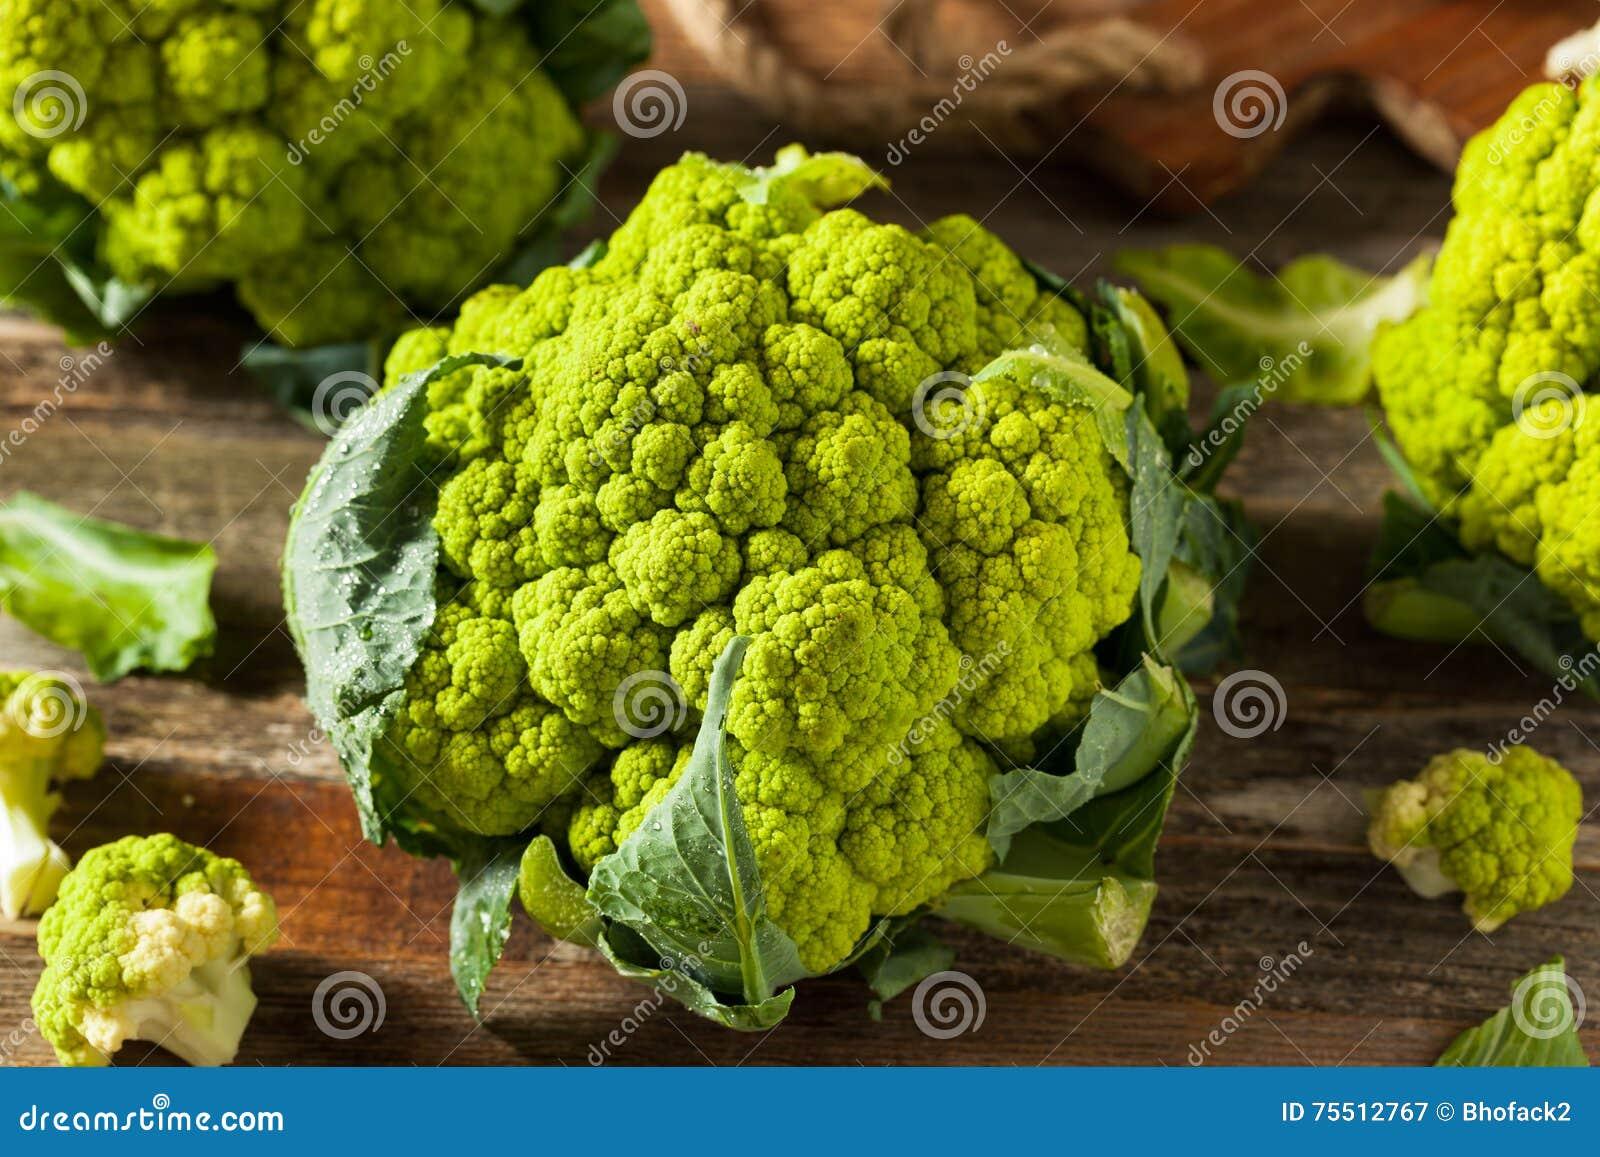 зелёная цветная капуста фото